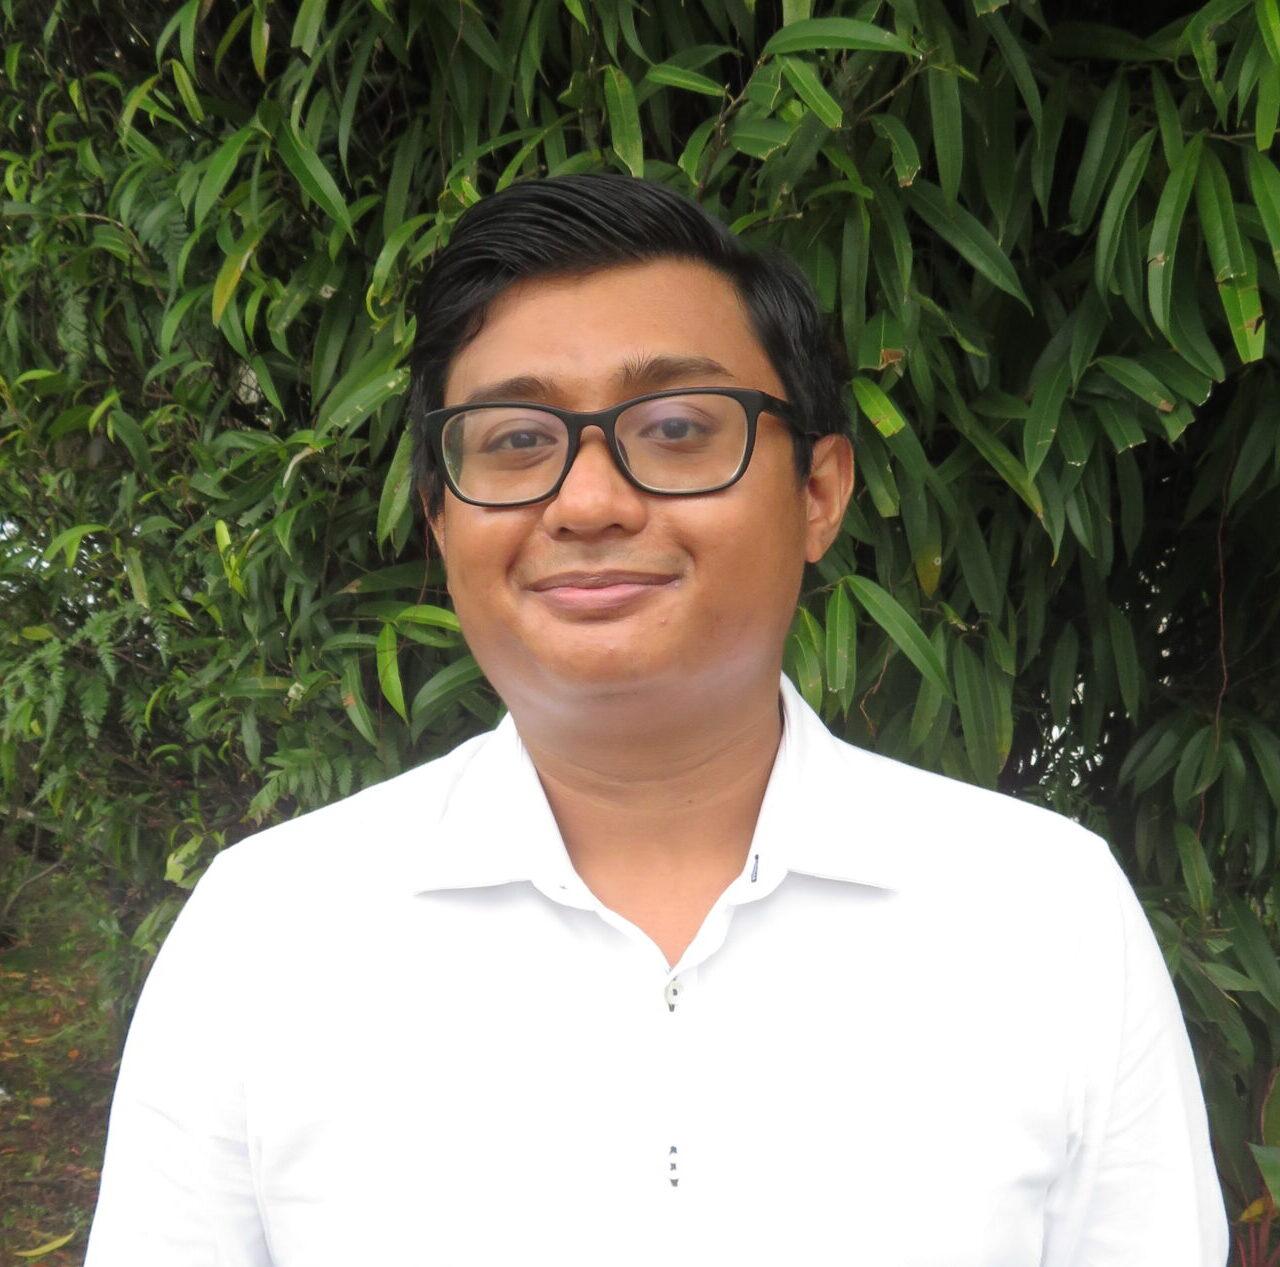 Nabil Jawahir